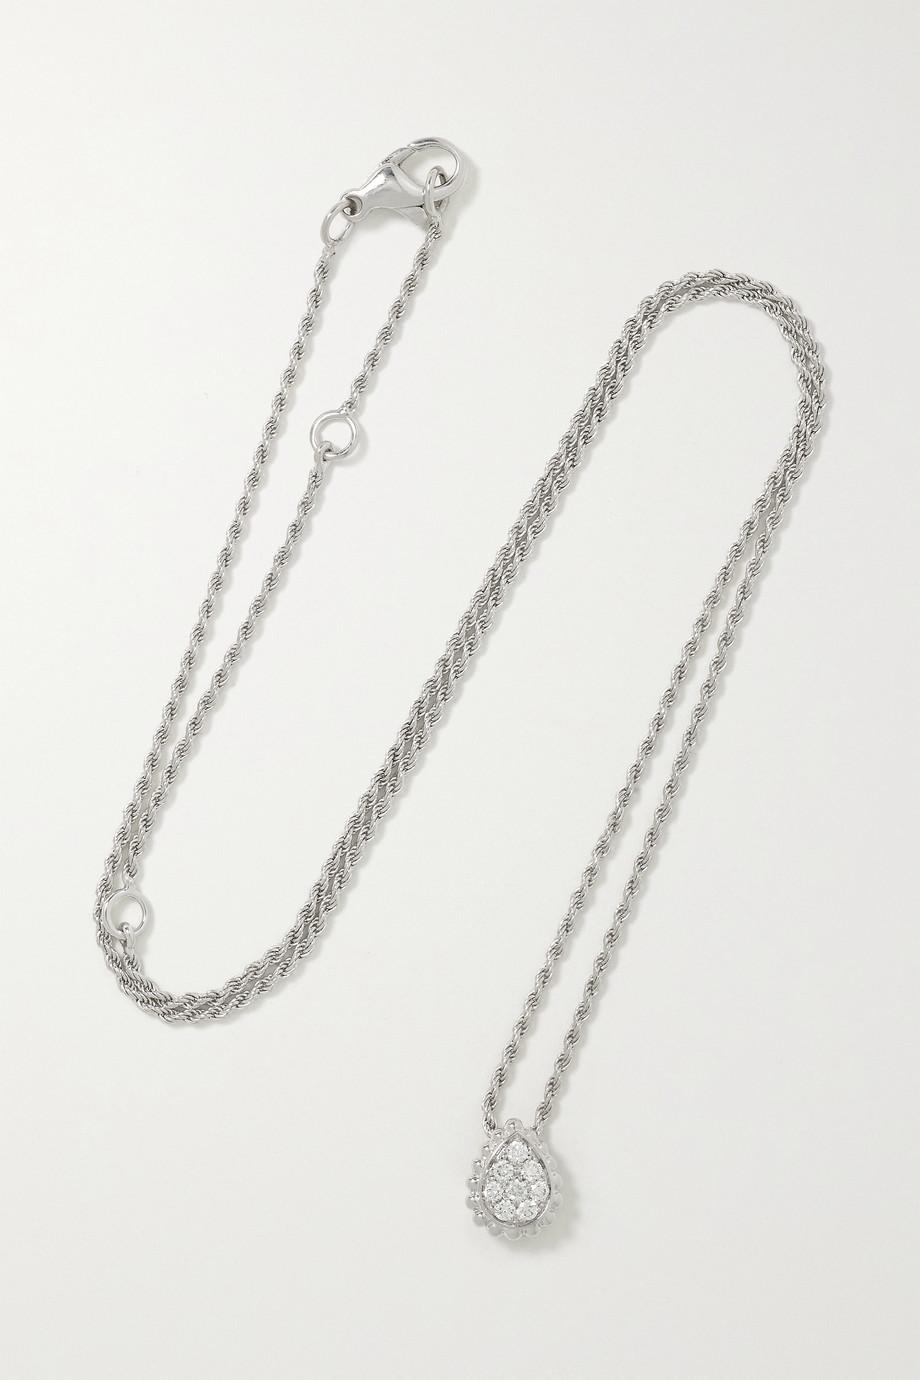 Boucheron Collier en or blanc 18 carats et diamants Serpent Bohème